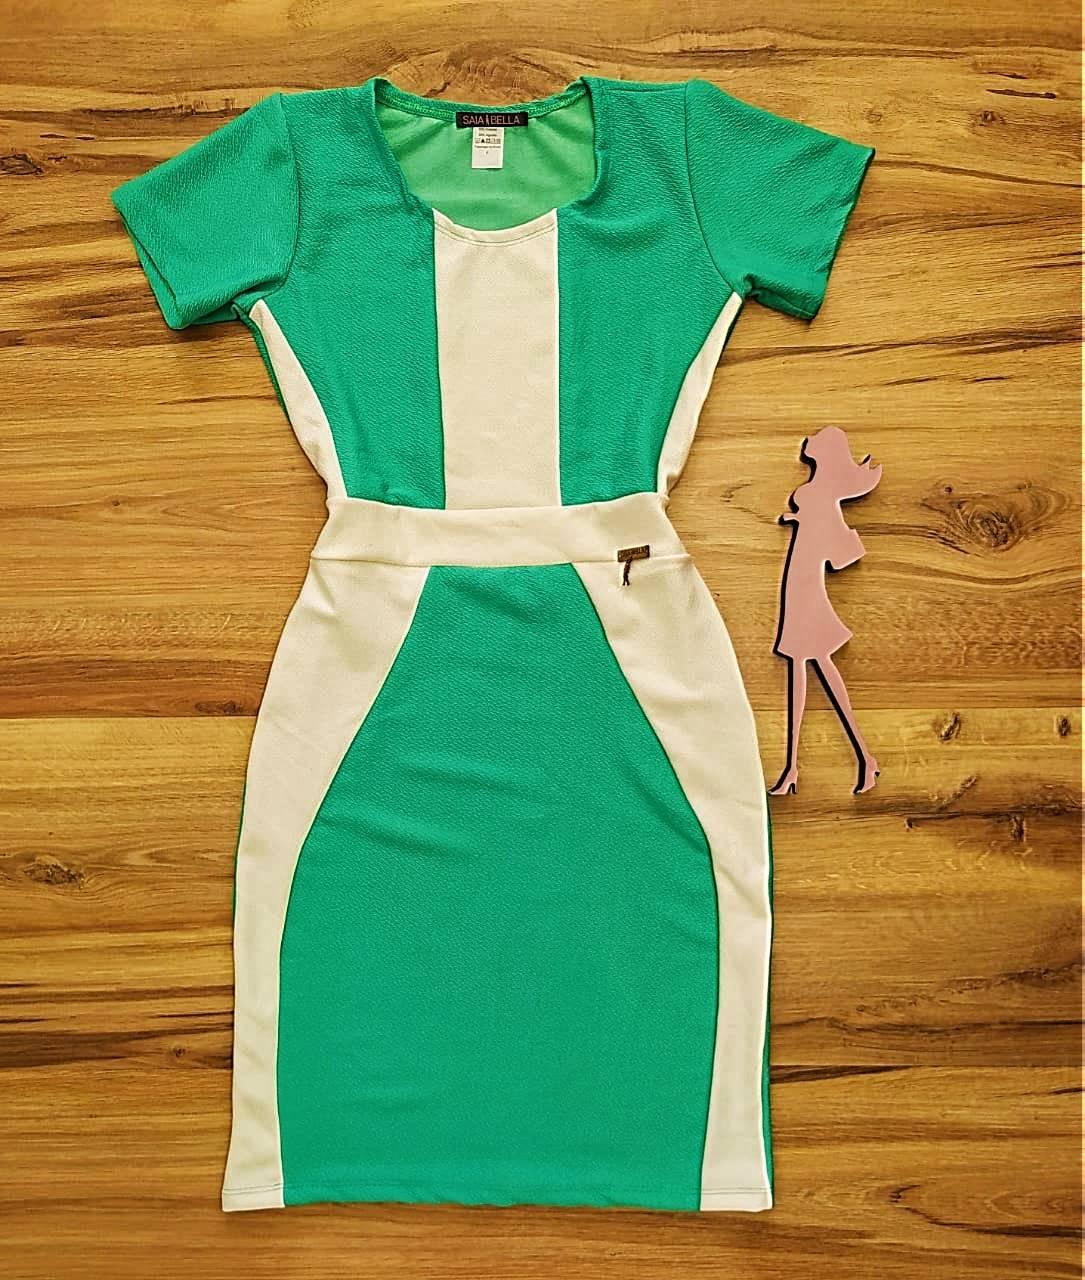 Vestido Brenda modelo Tubinho Saia Bella SB774010 - Verde